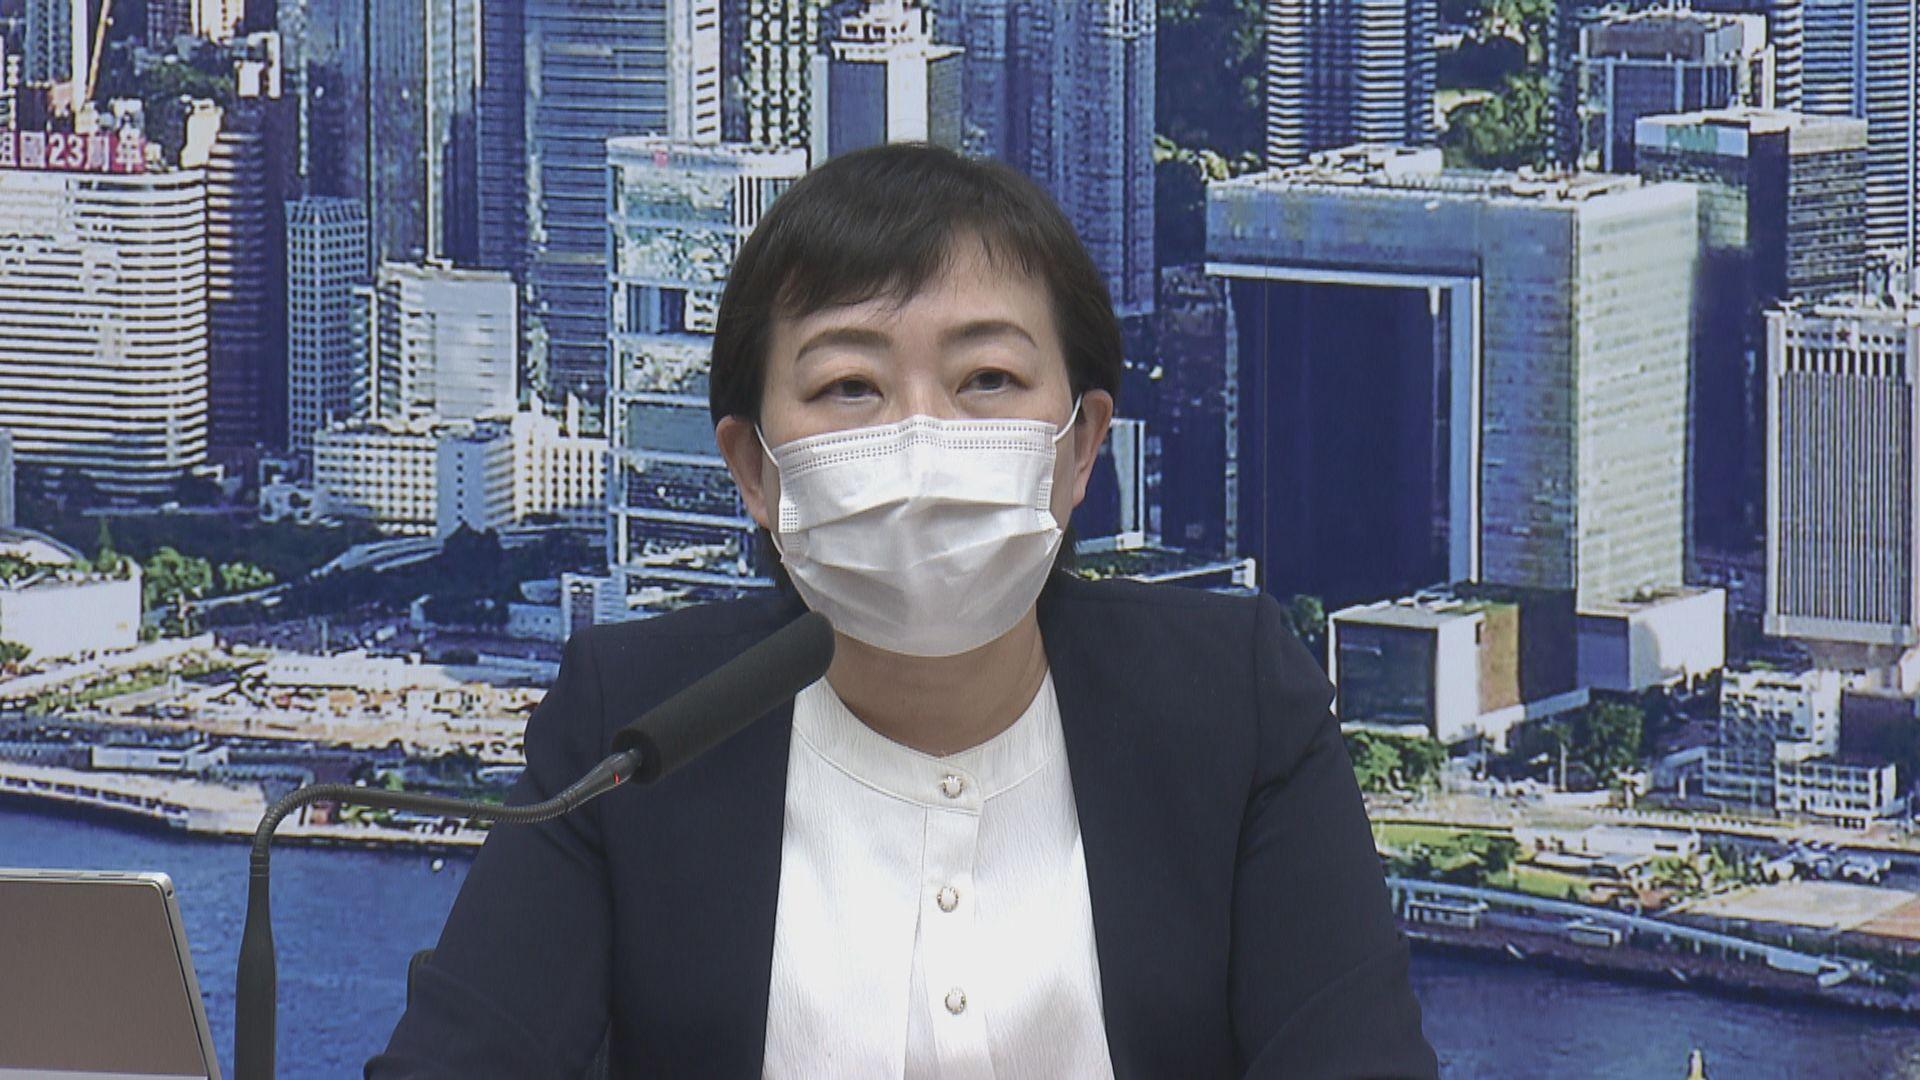 衞生防護中心估計患者帶病毒入實驗室 污染環境